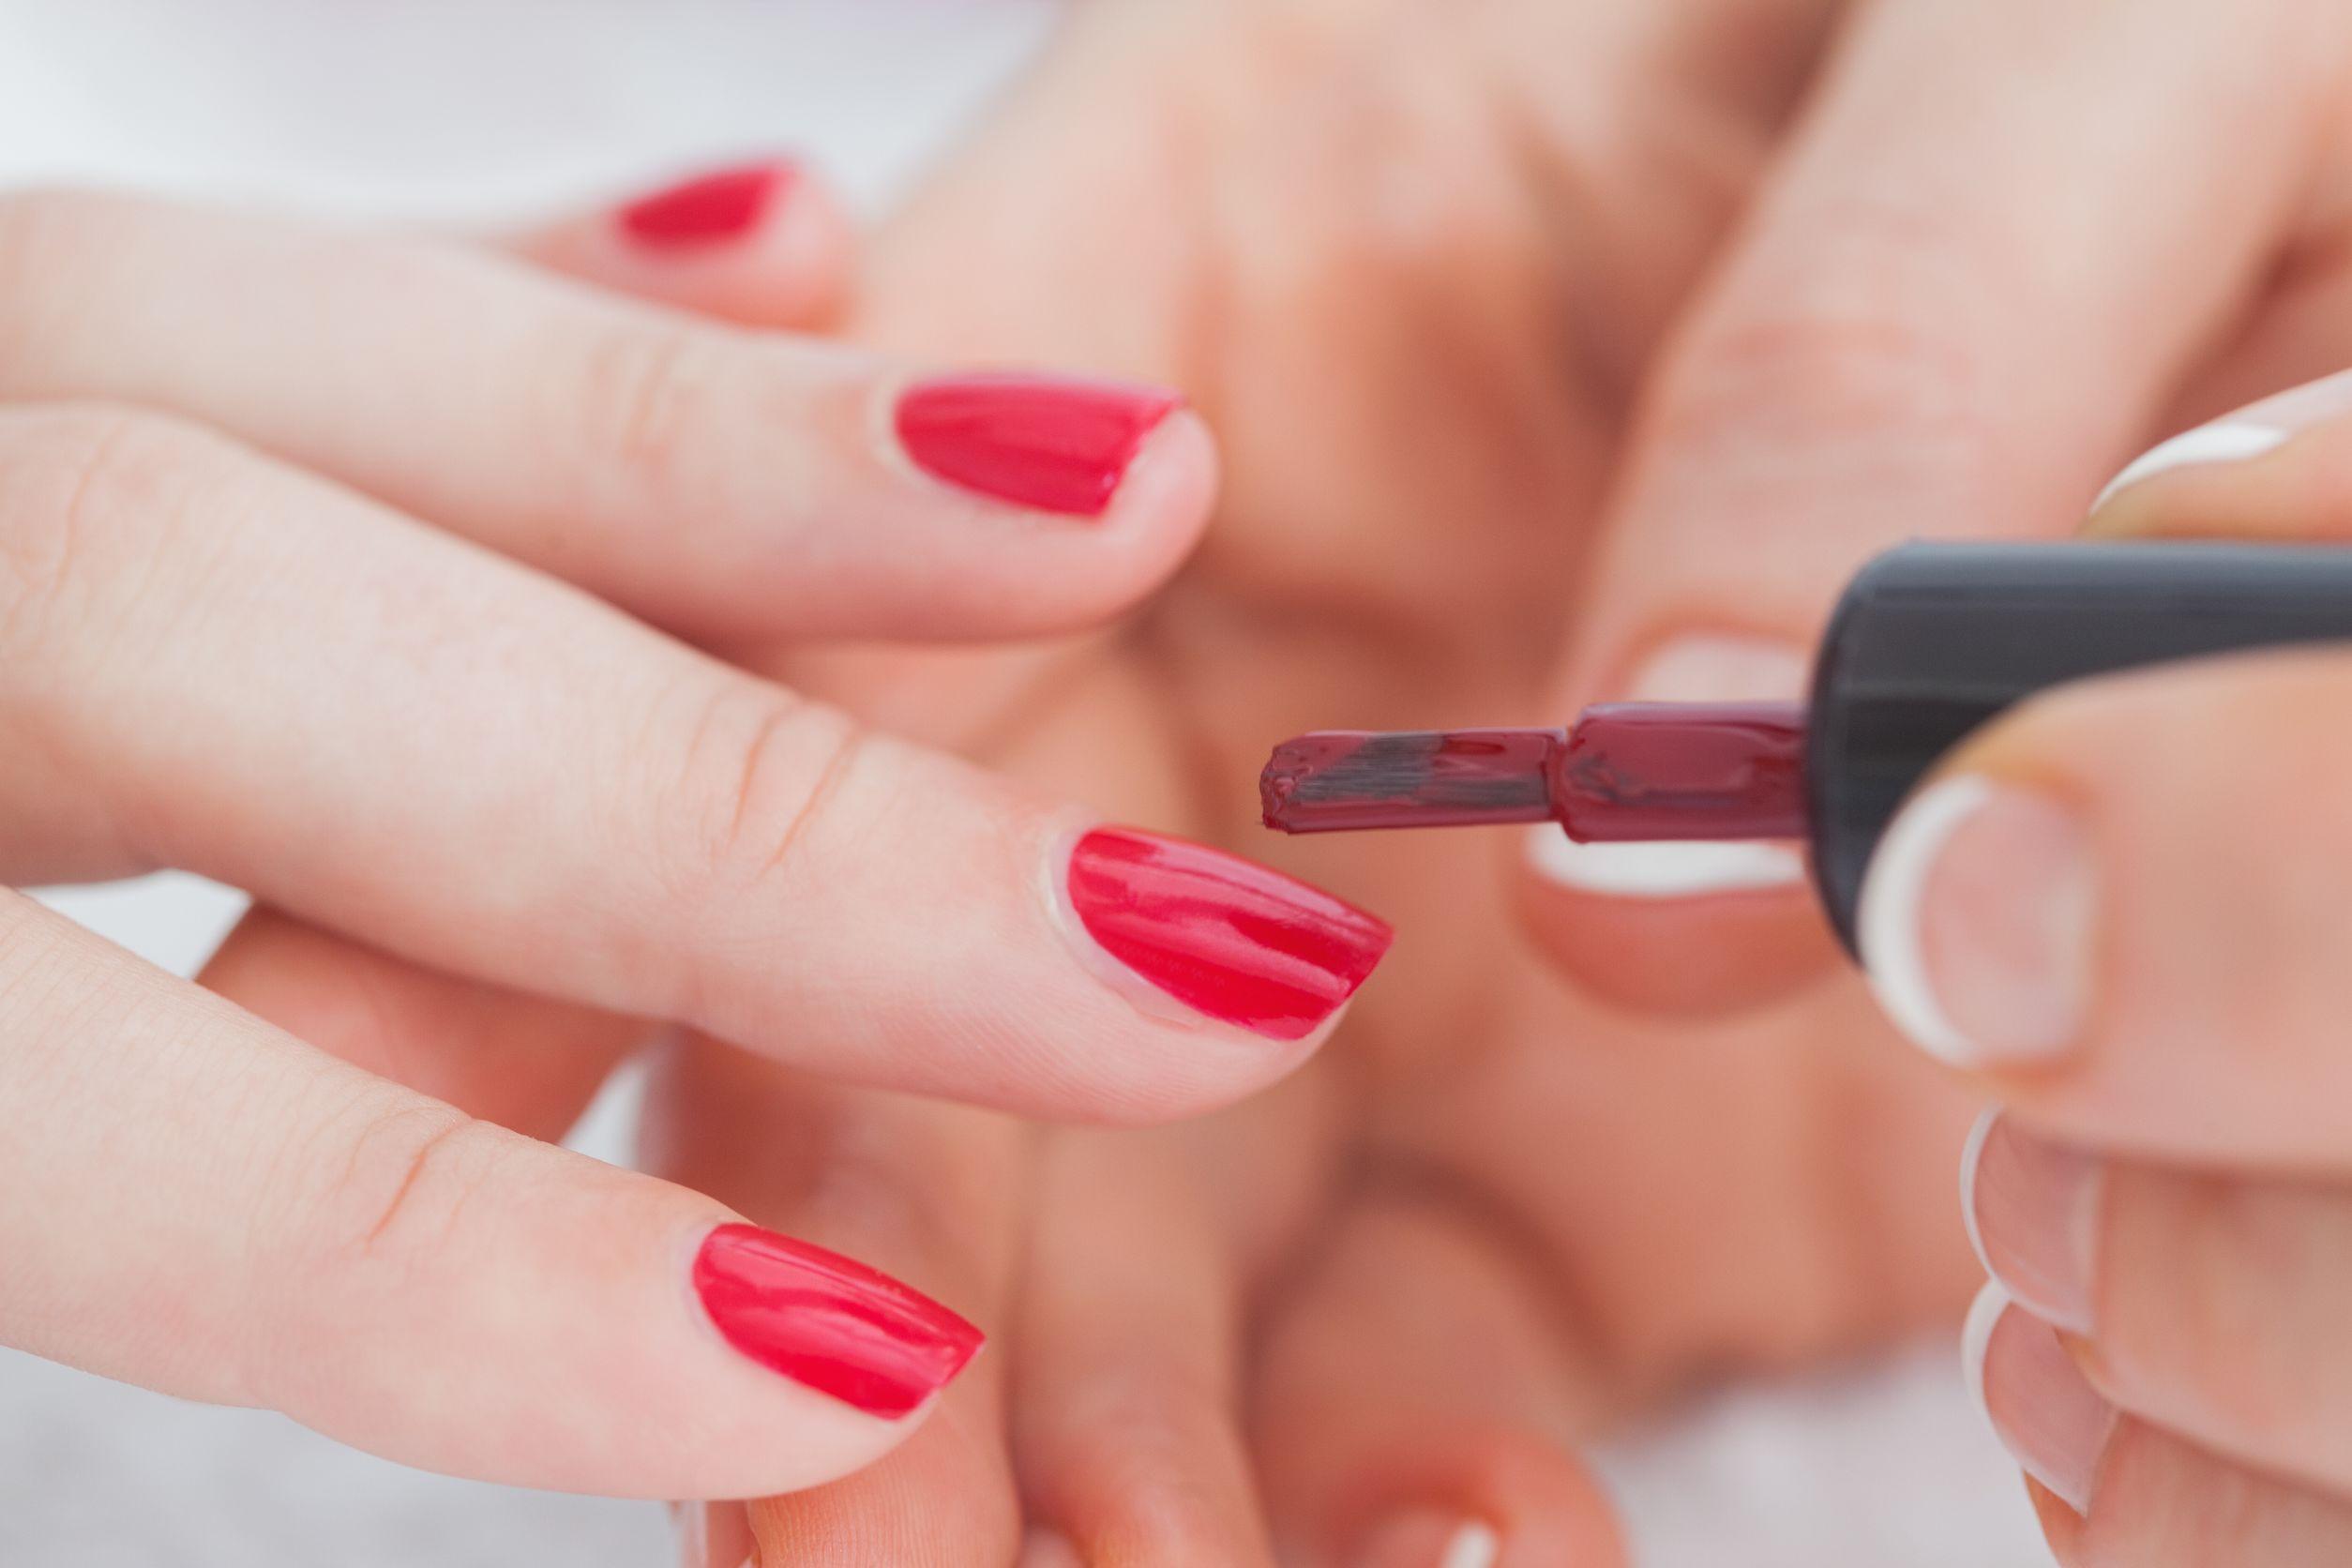 pintando uñas de rojo